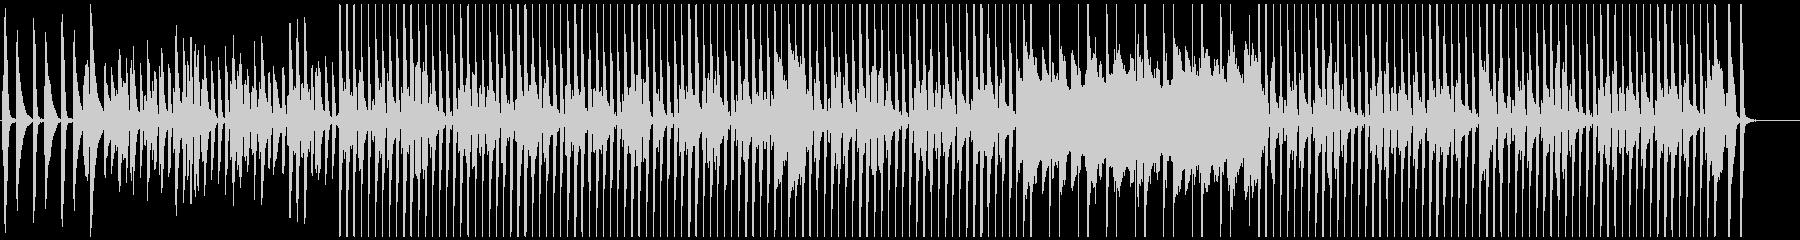 軽快なピアノの日常的BGMの未再生の波形